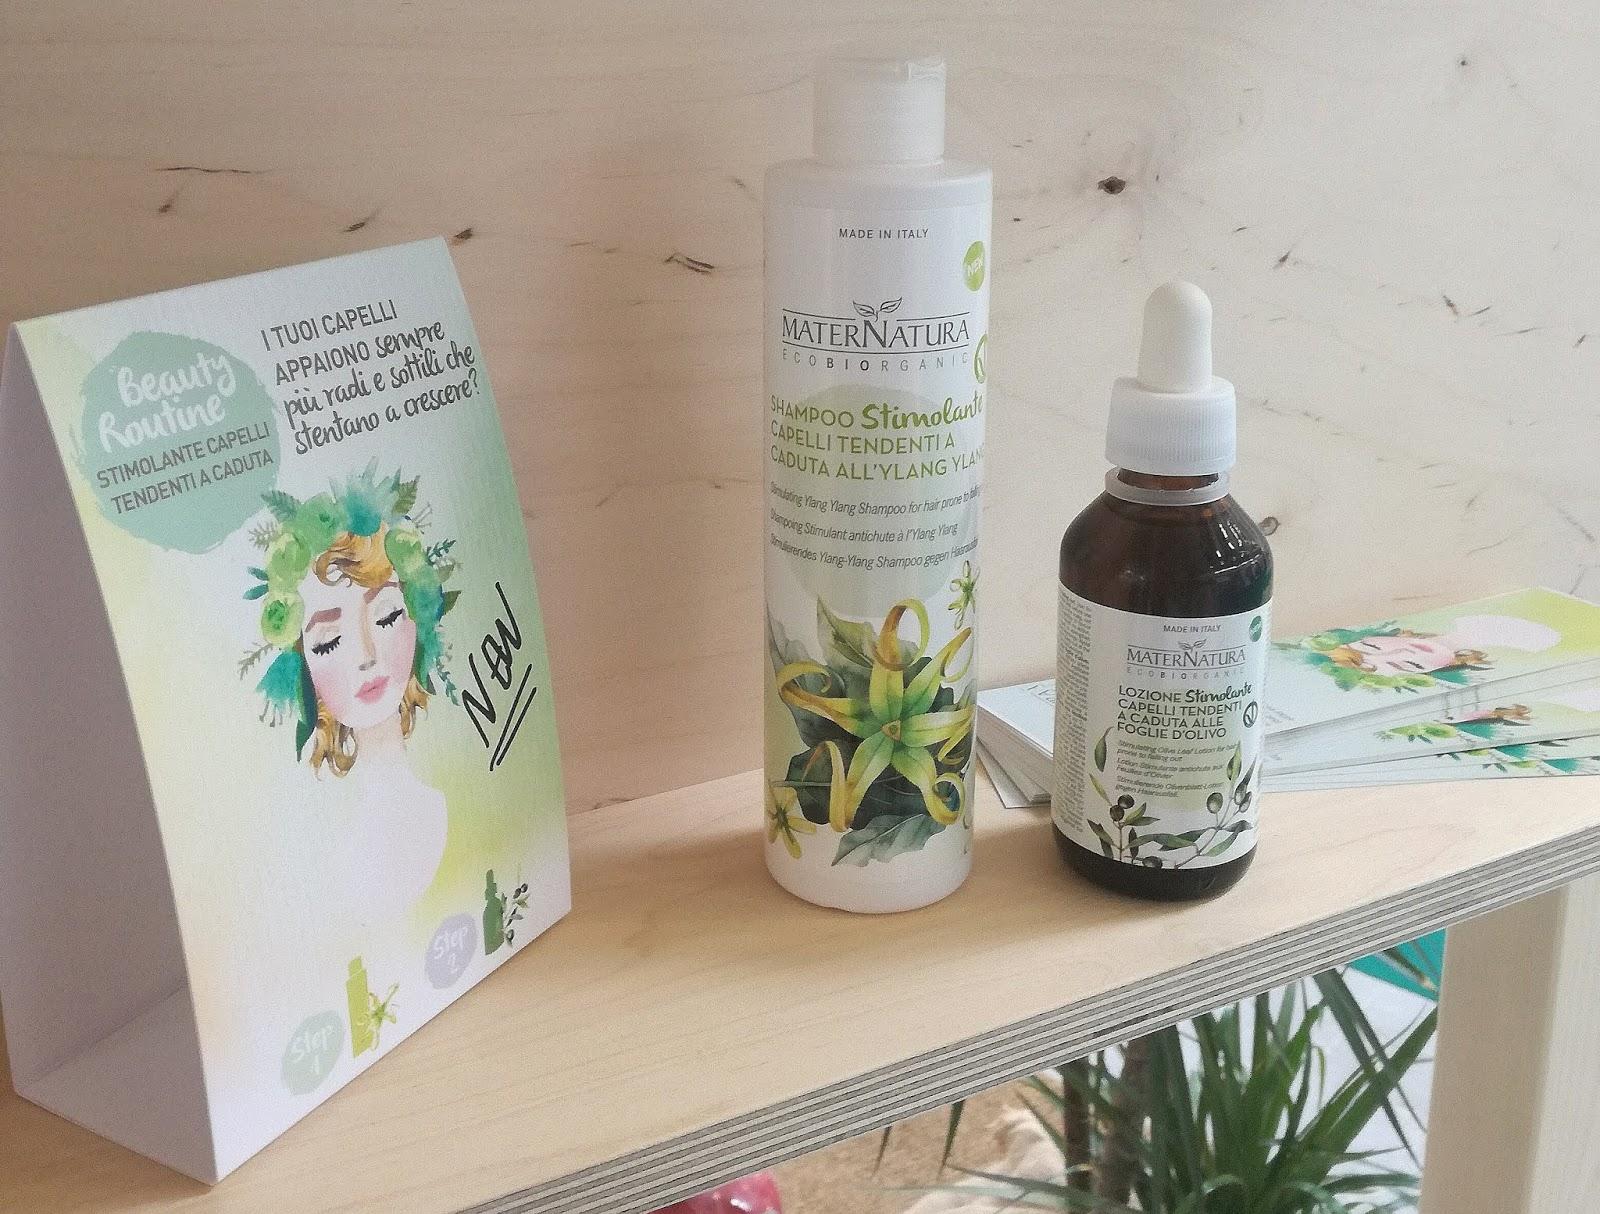 Uno shampoo che stimola e favorisce la crescita più rapida e più sana dei  capelli. Rivitalizza il cuoio capelluto cccdaa01326c